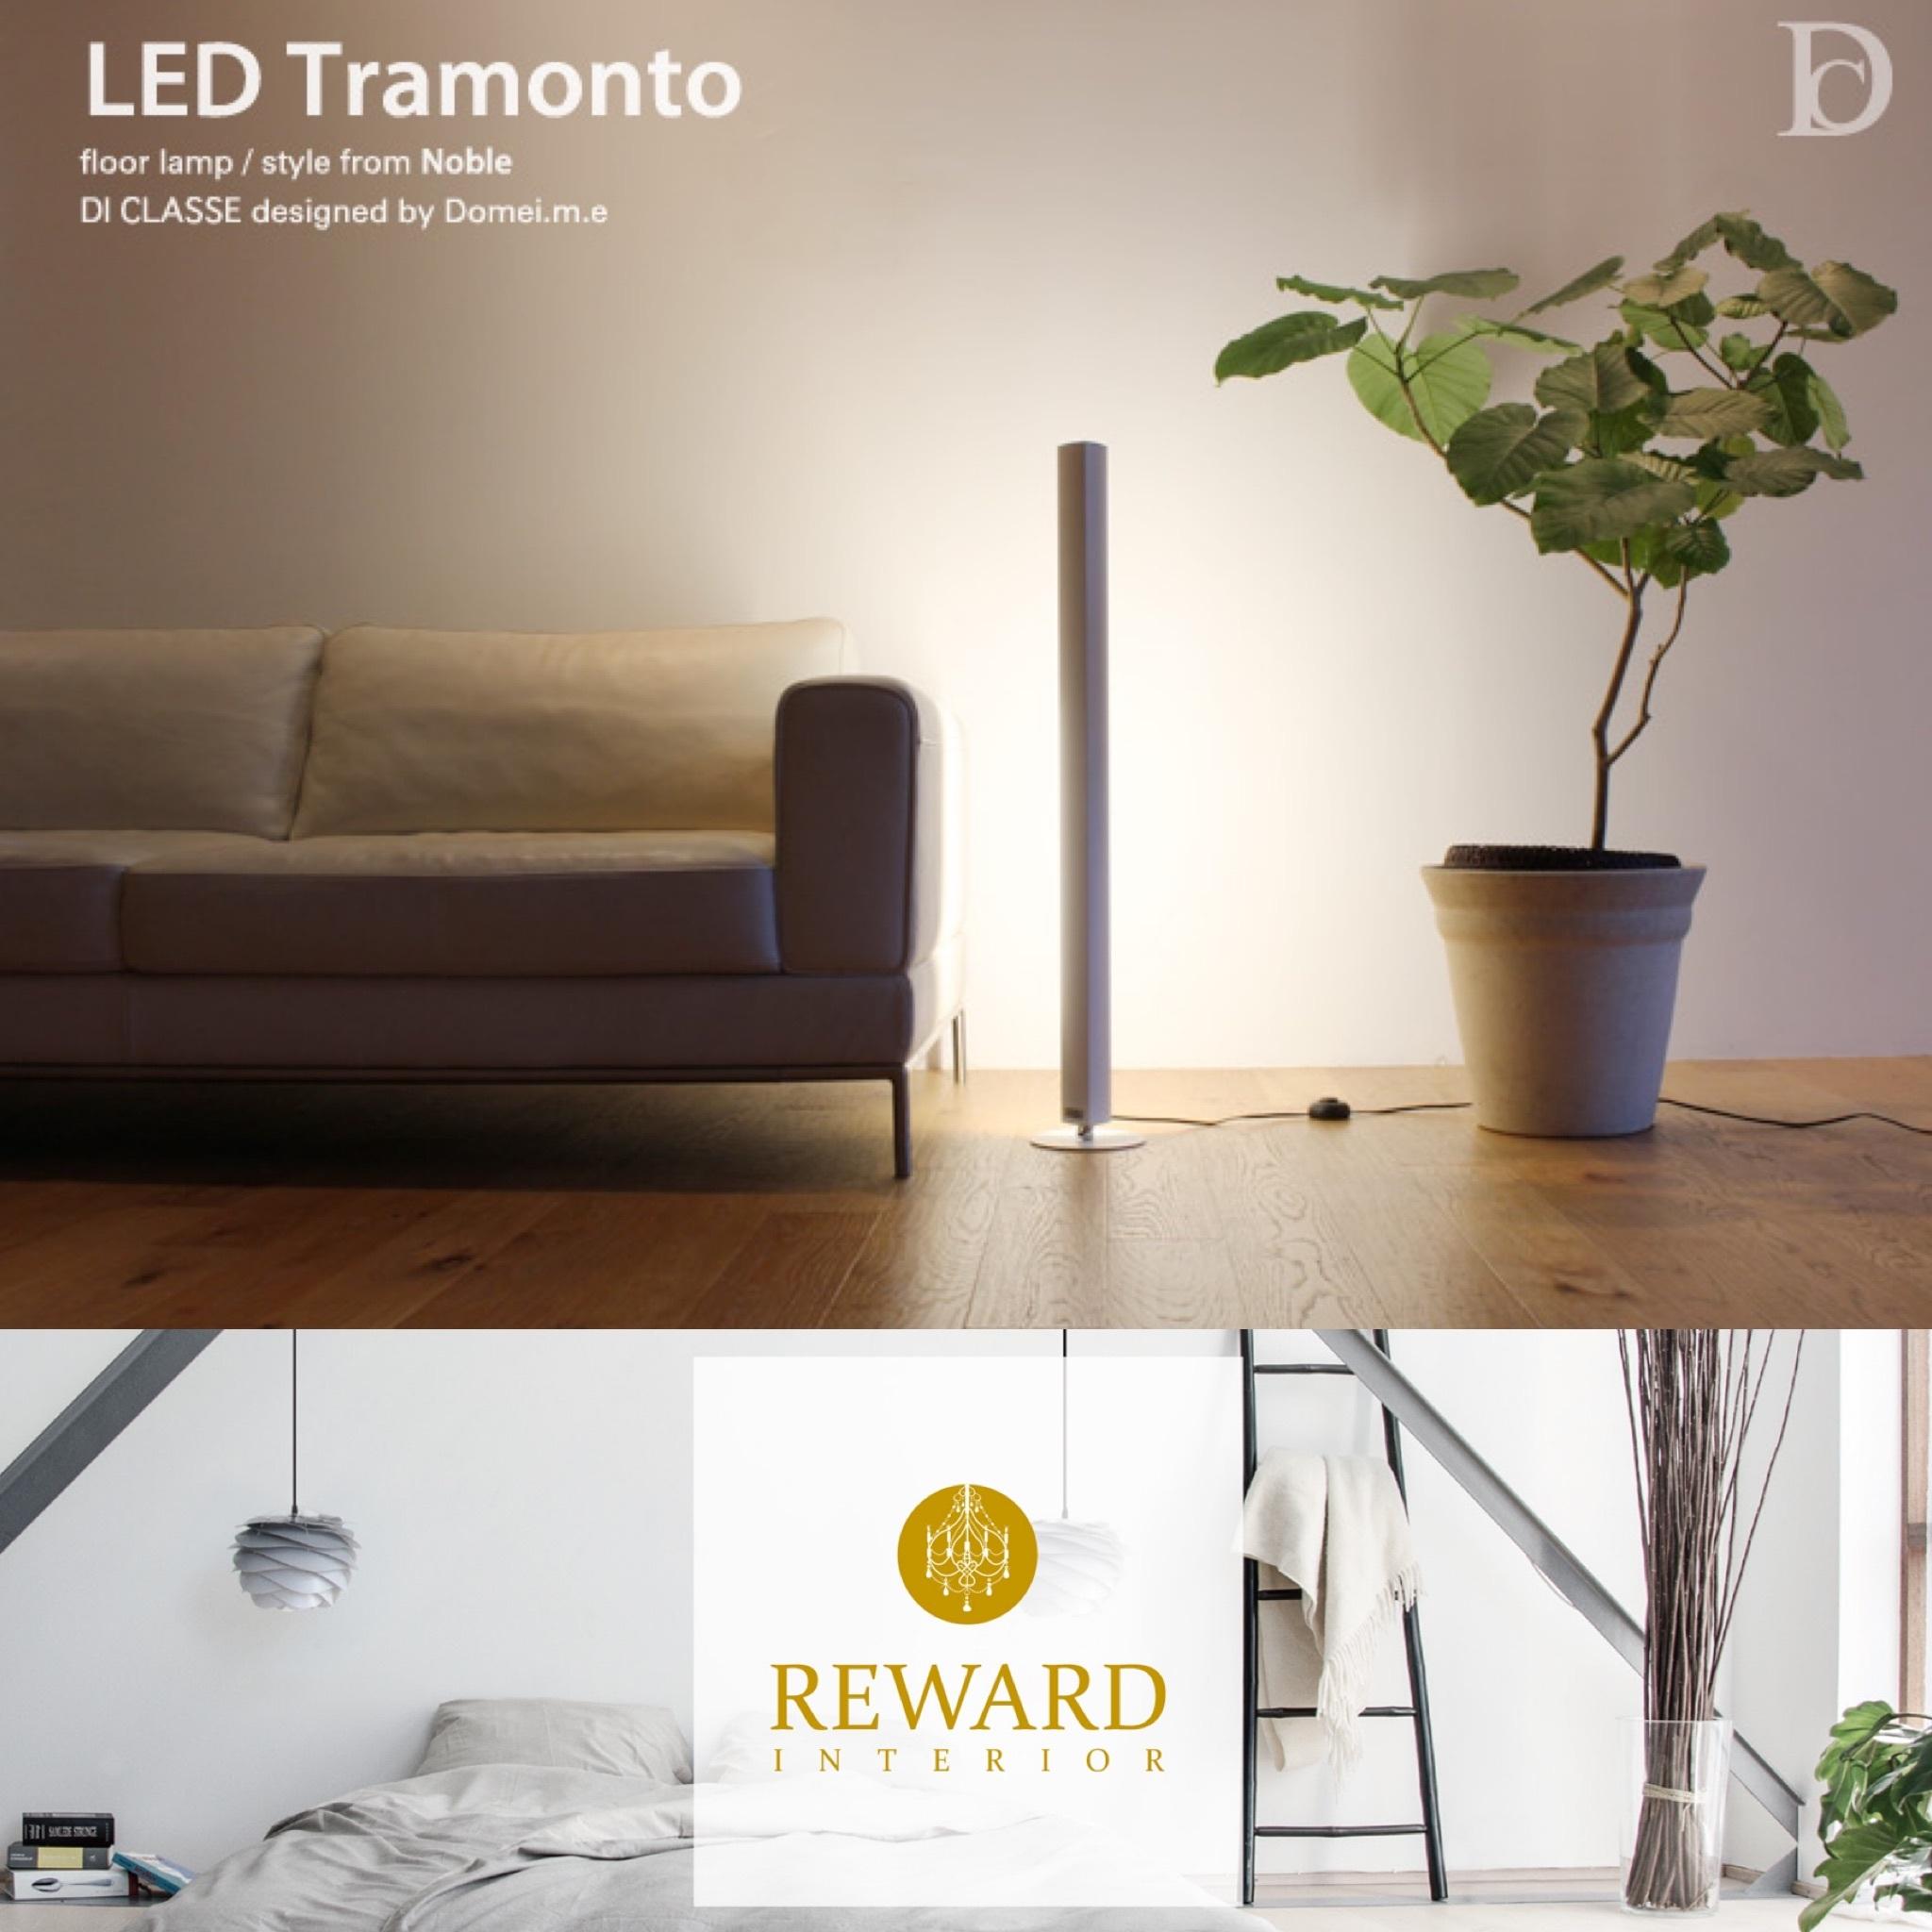 間接照明 LED Tramonto フロアランプ  全2色 DI CLASSE